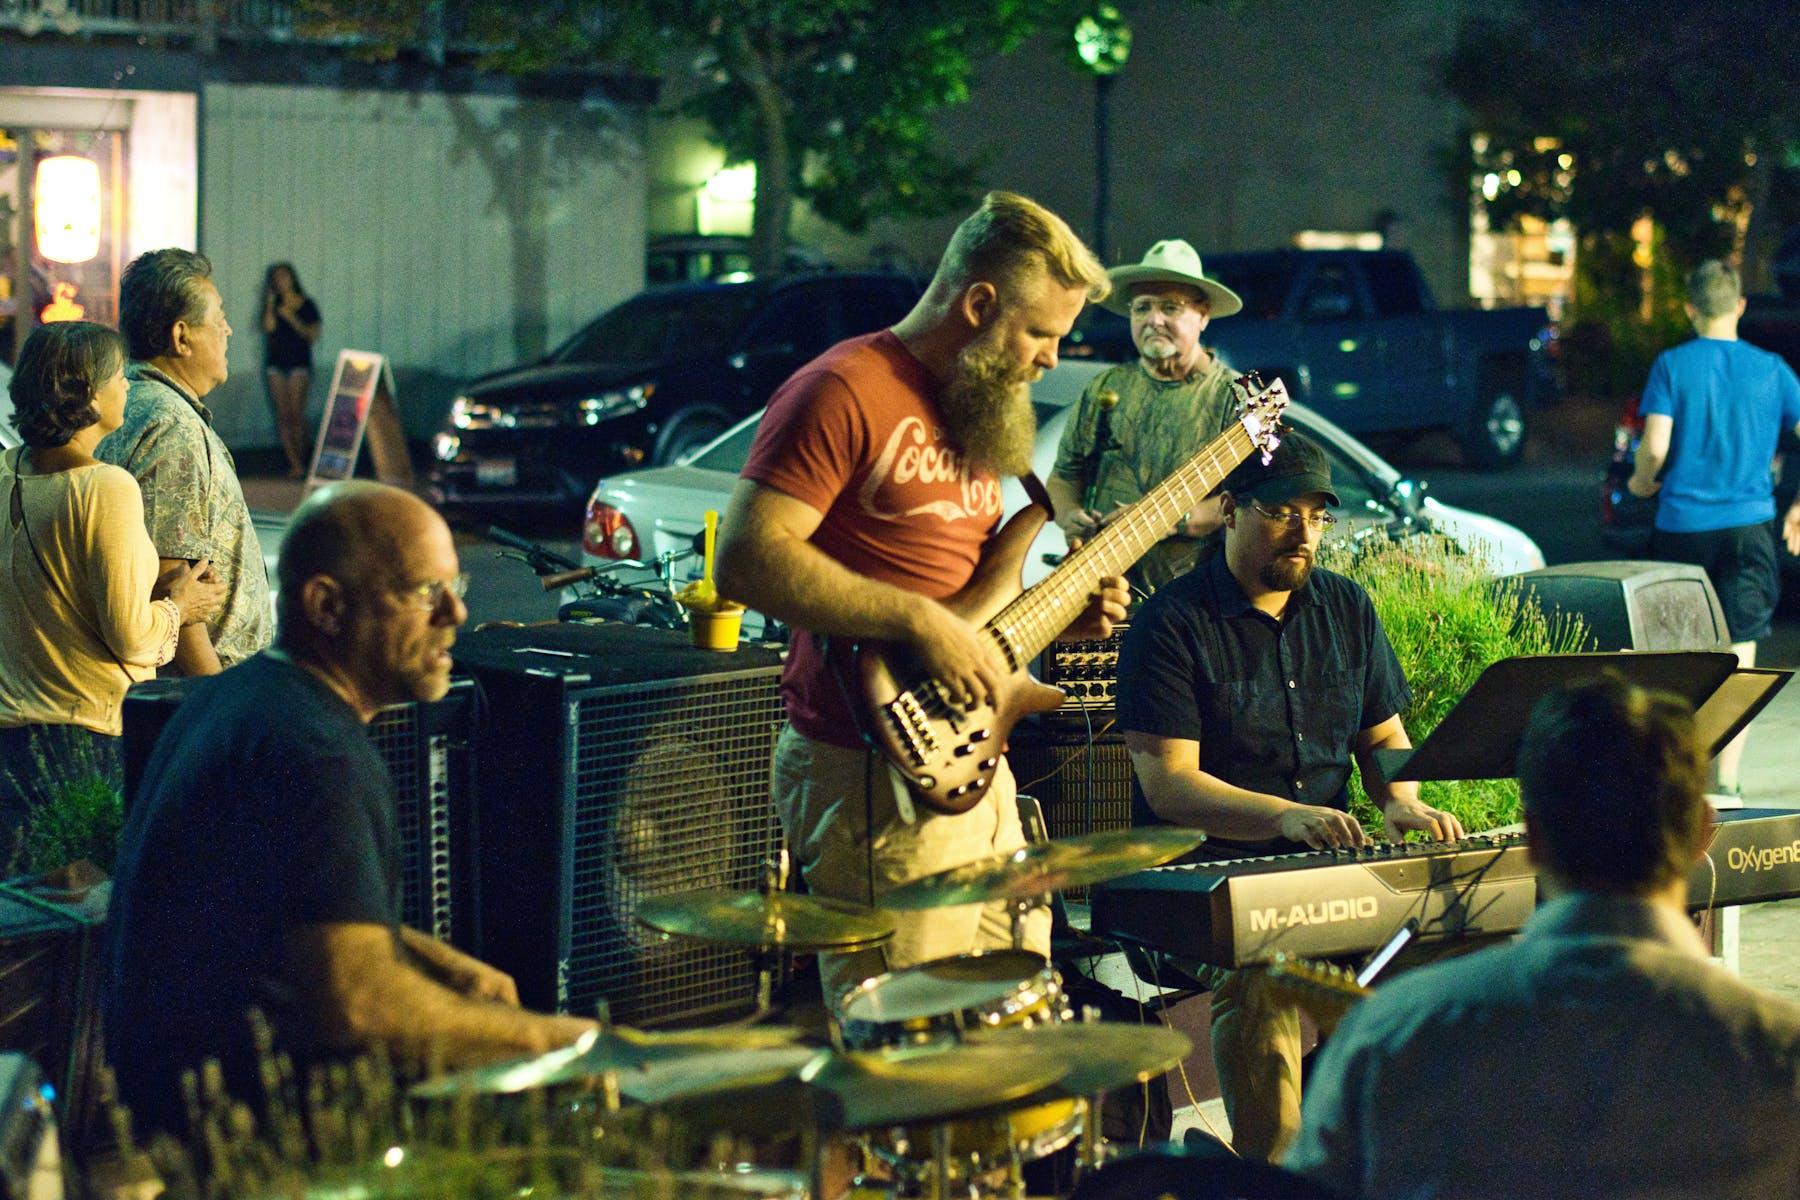 a band playing music